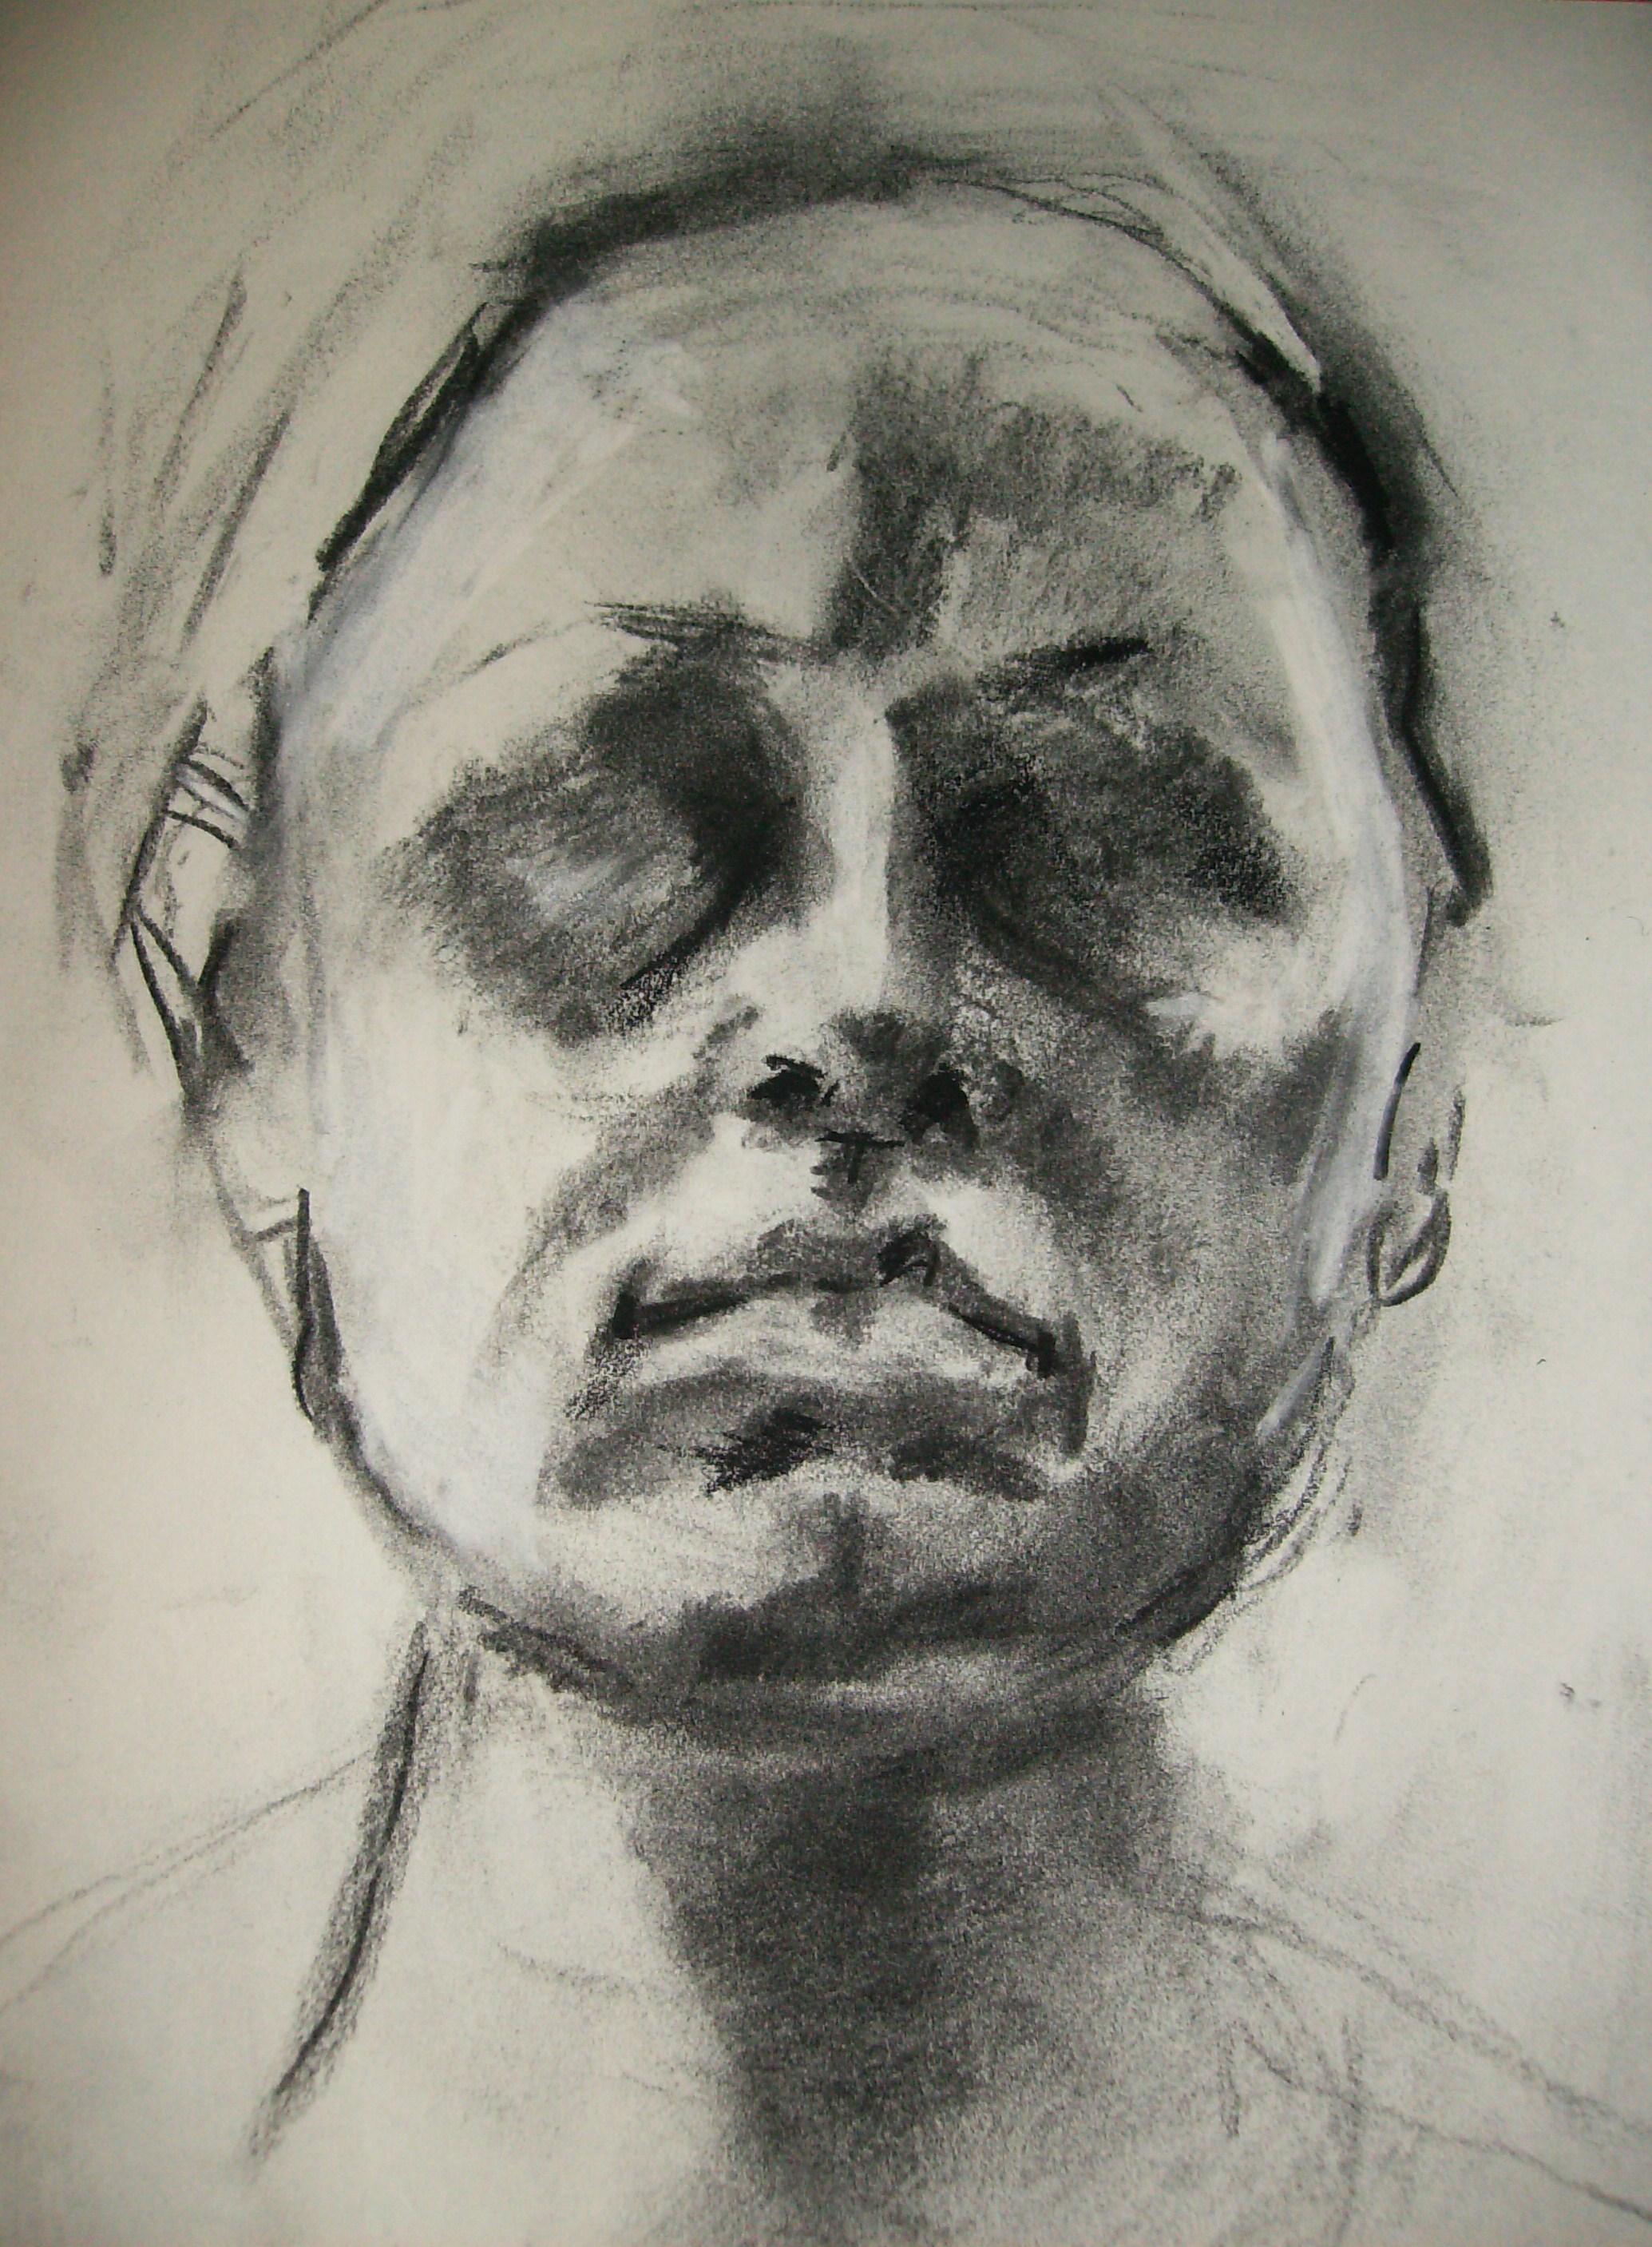 selvportrett, 2009